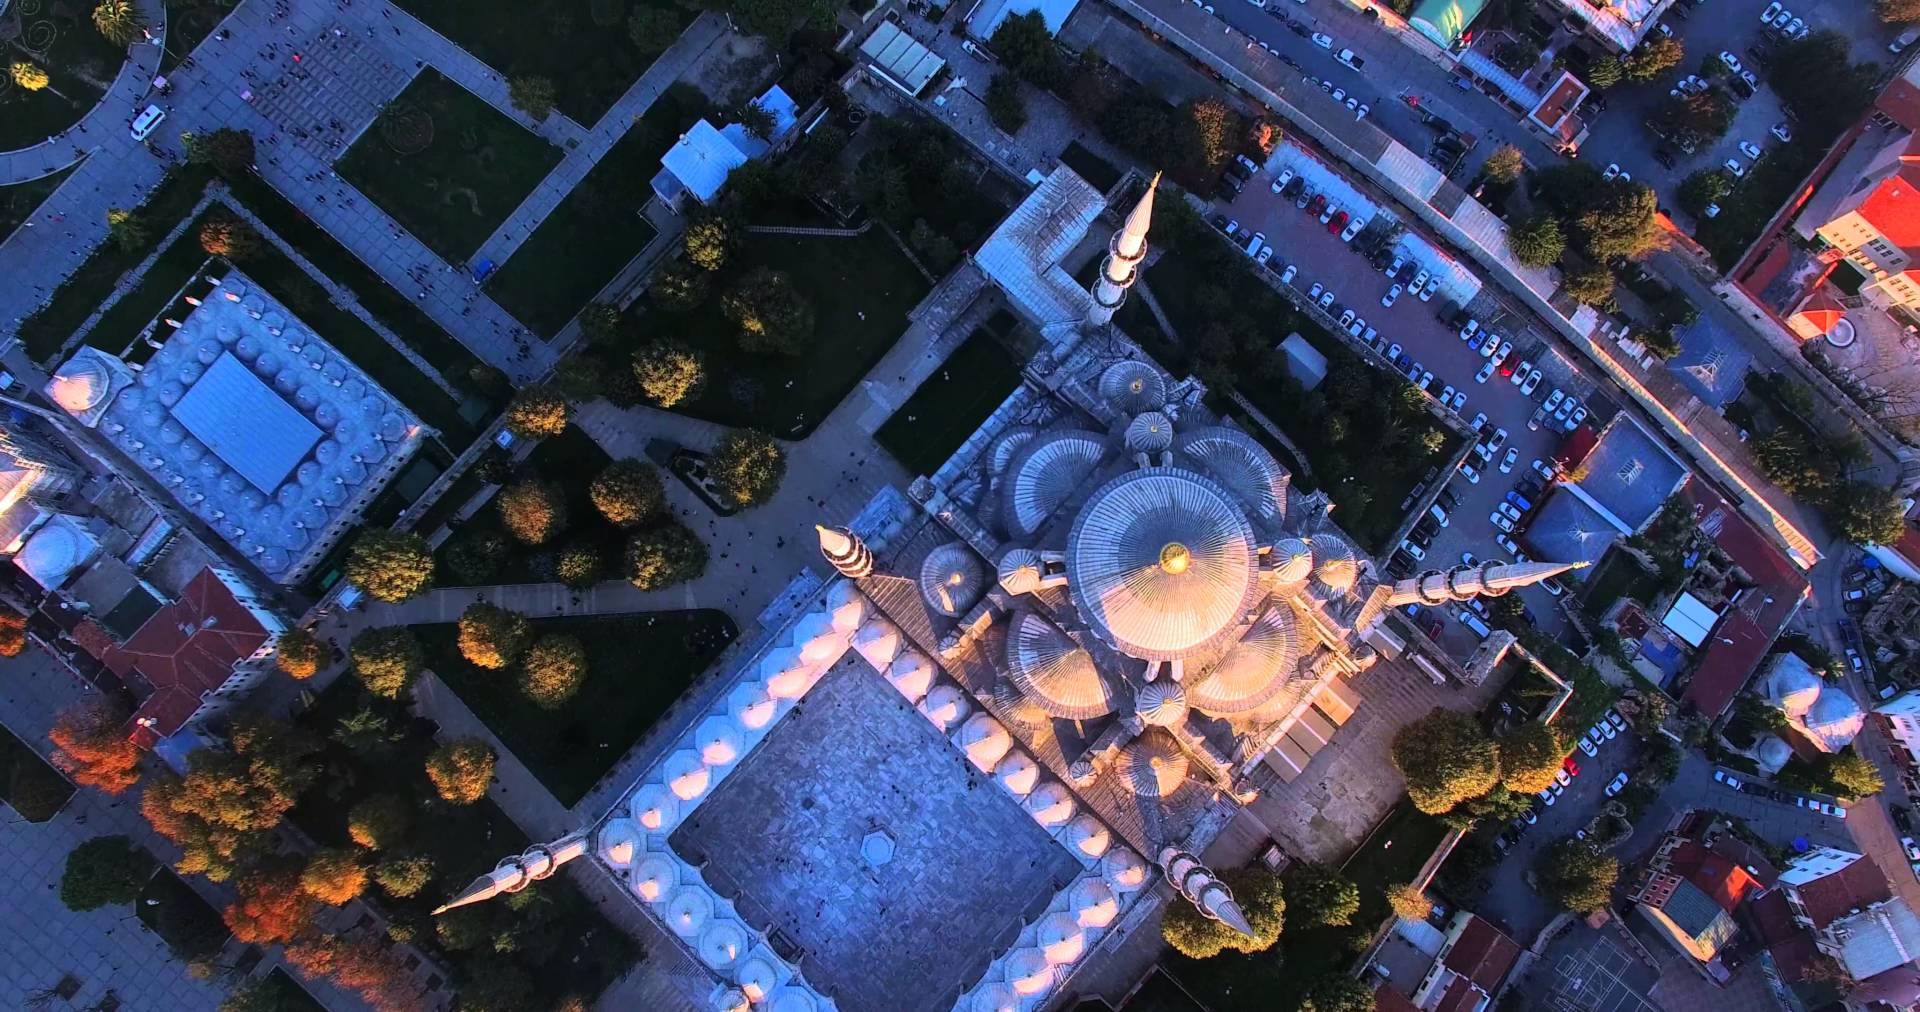 Drone Hava Çekimleri Nasıl Yapılır? Hava Çekimleri Şirketimize Farklı Bir Bakış Açısı Oluşturuyor Mu? Drone Hava Çekimi Fiyatları